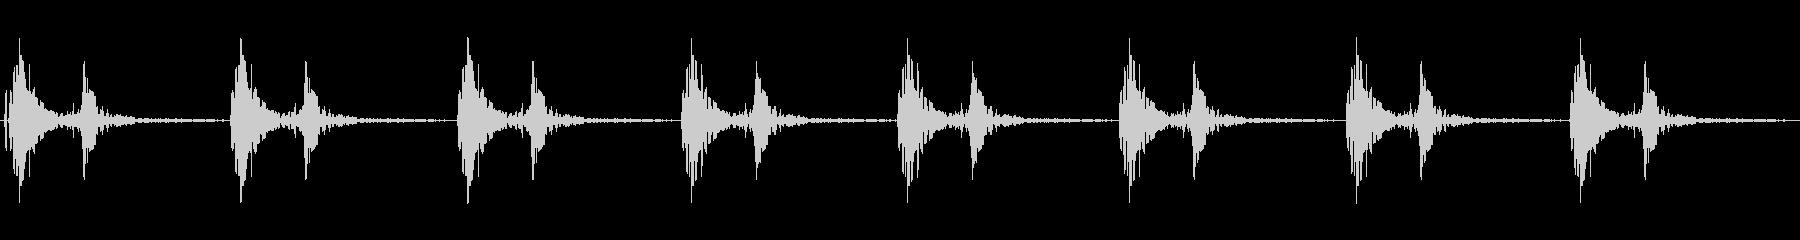 心臓の音ですの未再生の波形